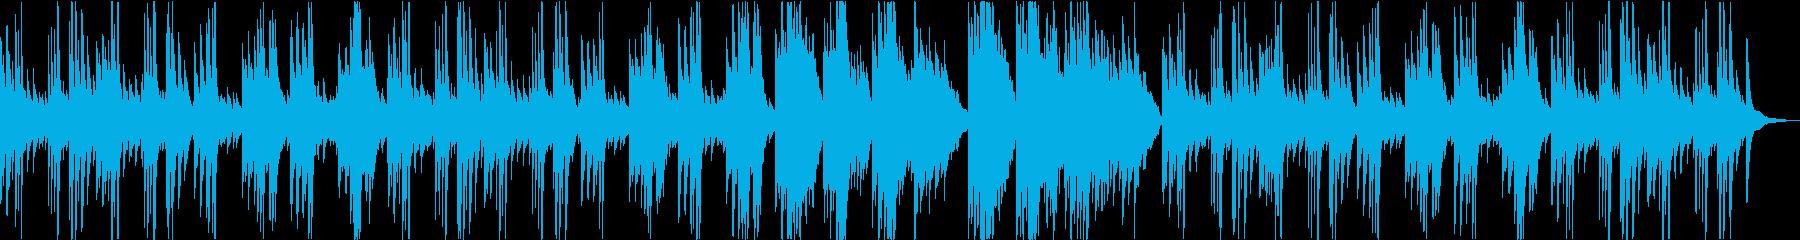 感動を感じるピアノバラードの再生済みの波形